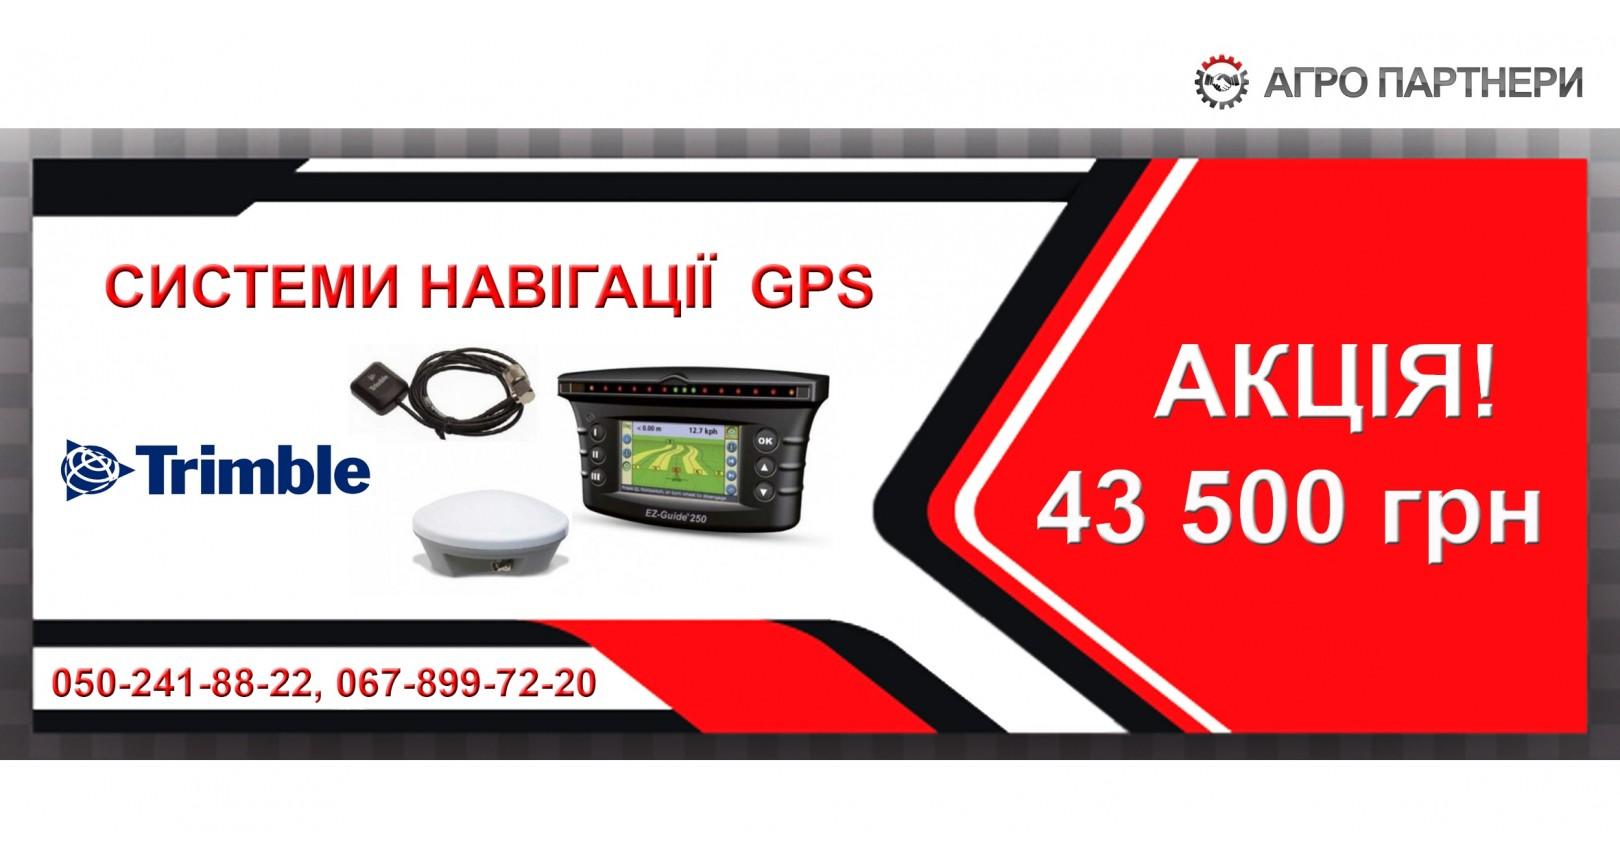 АКЦИЯ СИСТЕМЫ НАВИГАЦИИ GPS